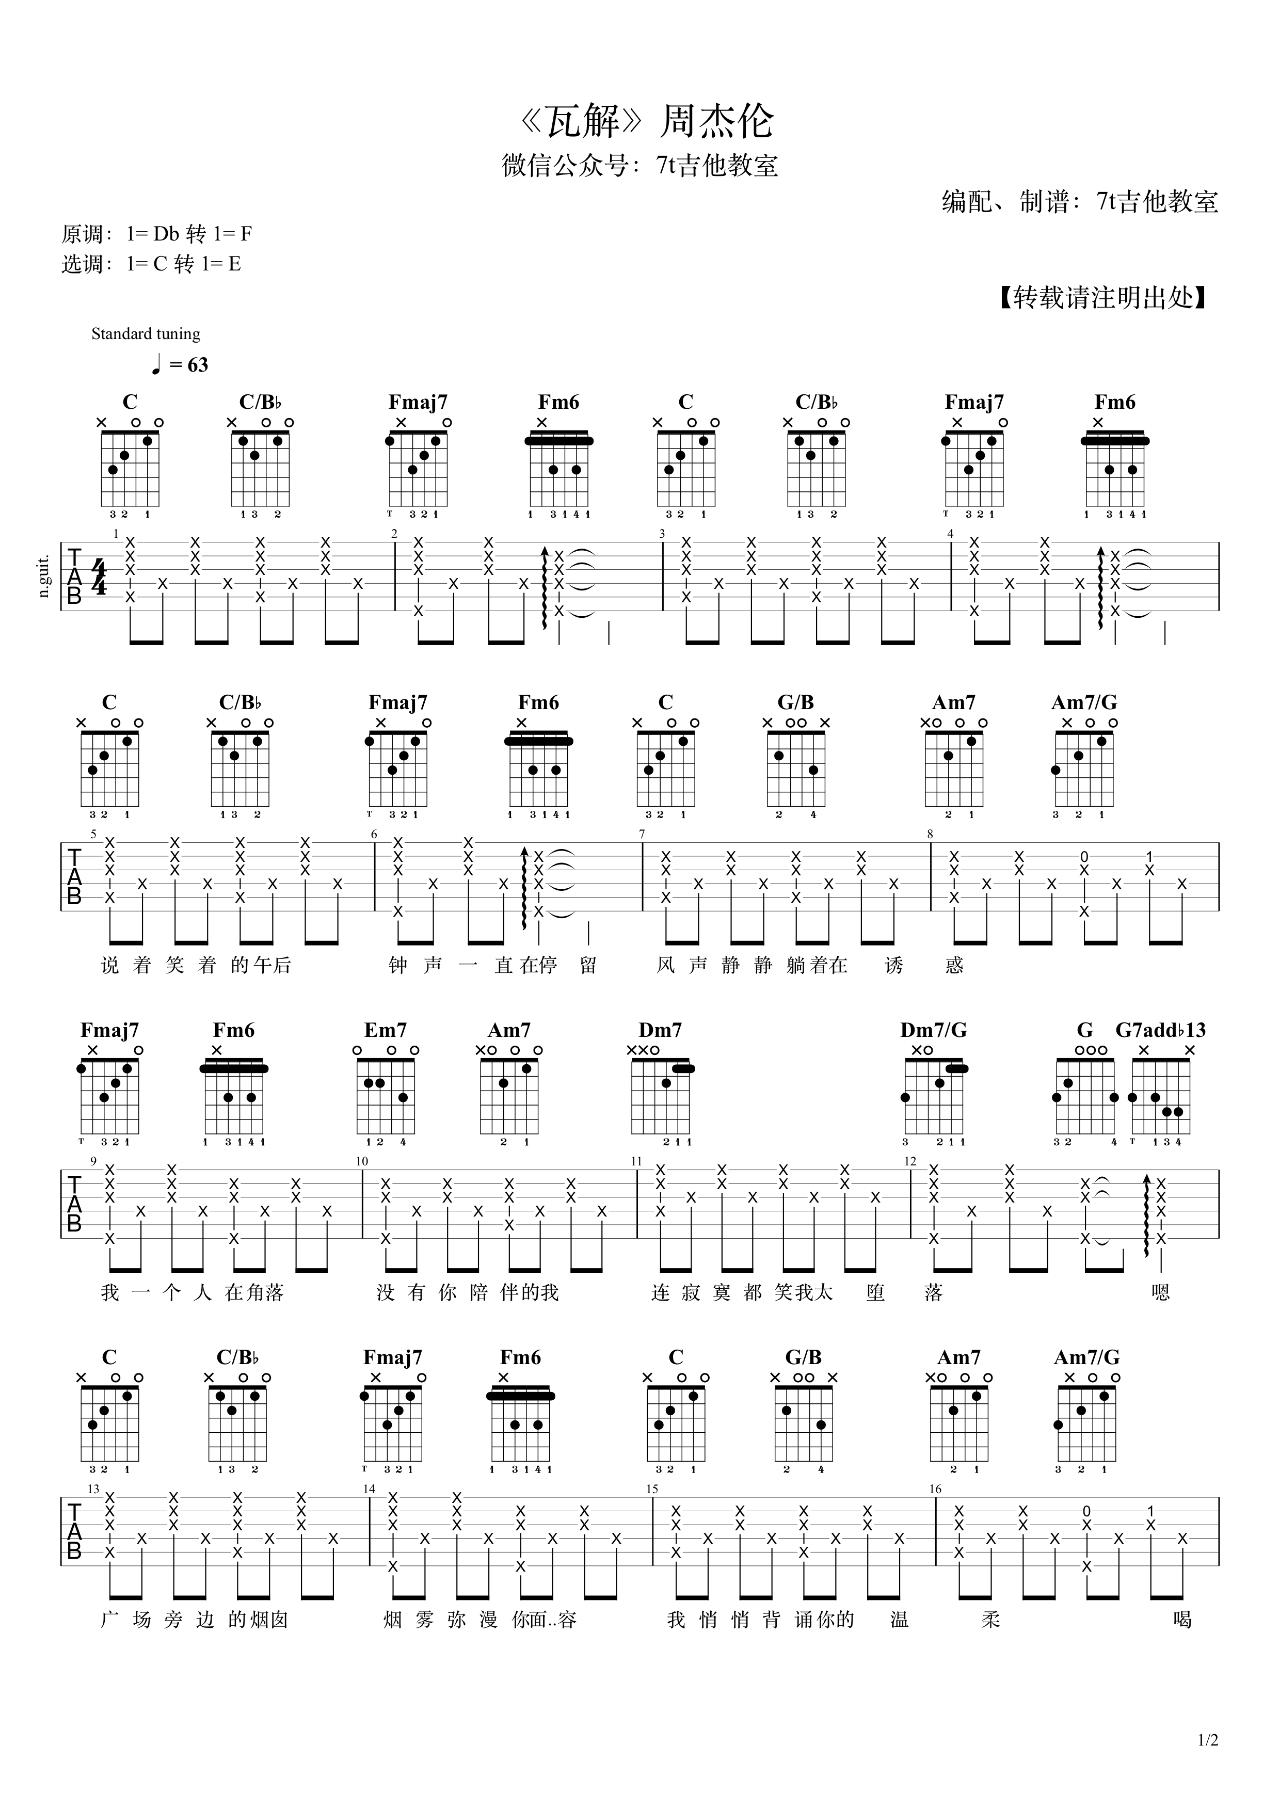 周杰伦-瓦解吉他谱-弹唱演示视频-1